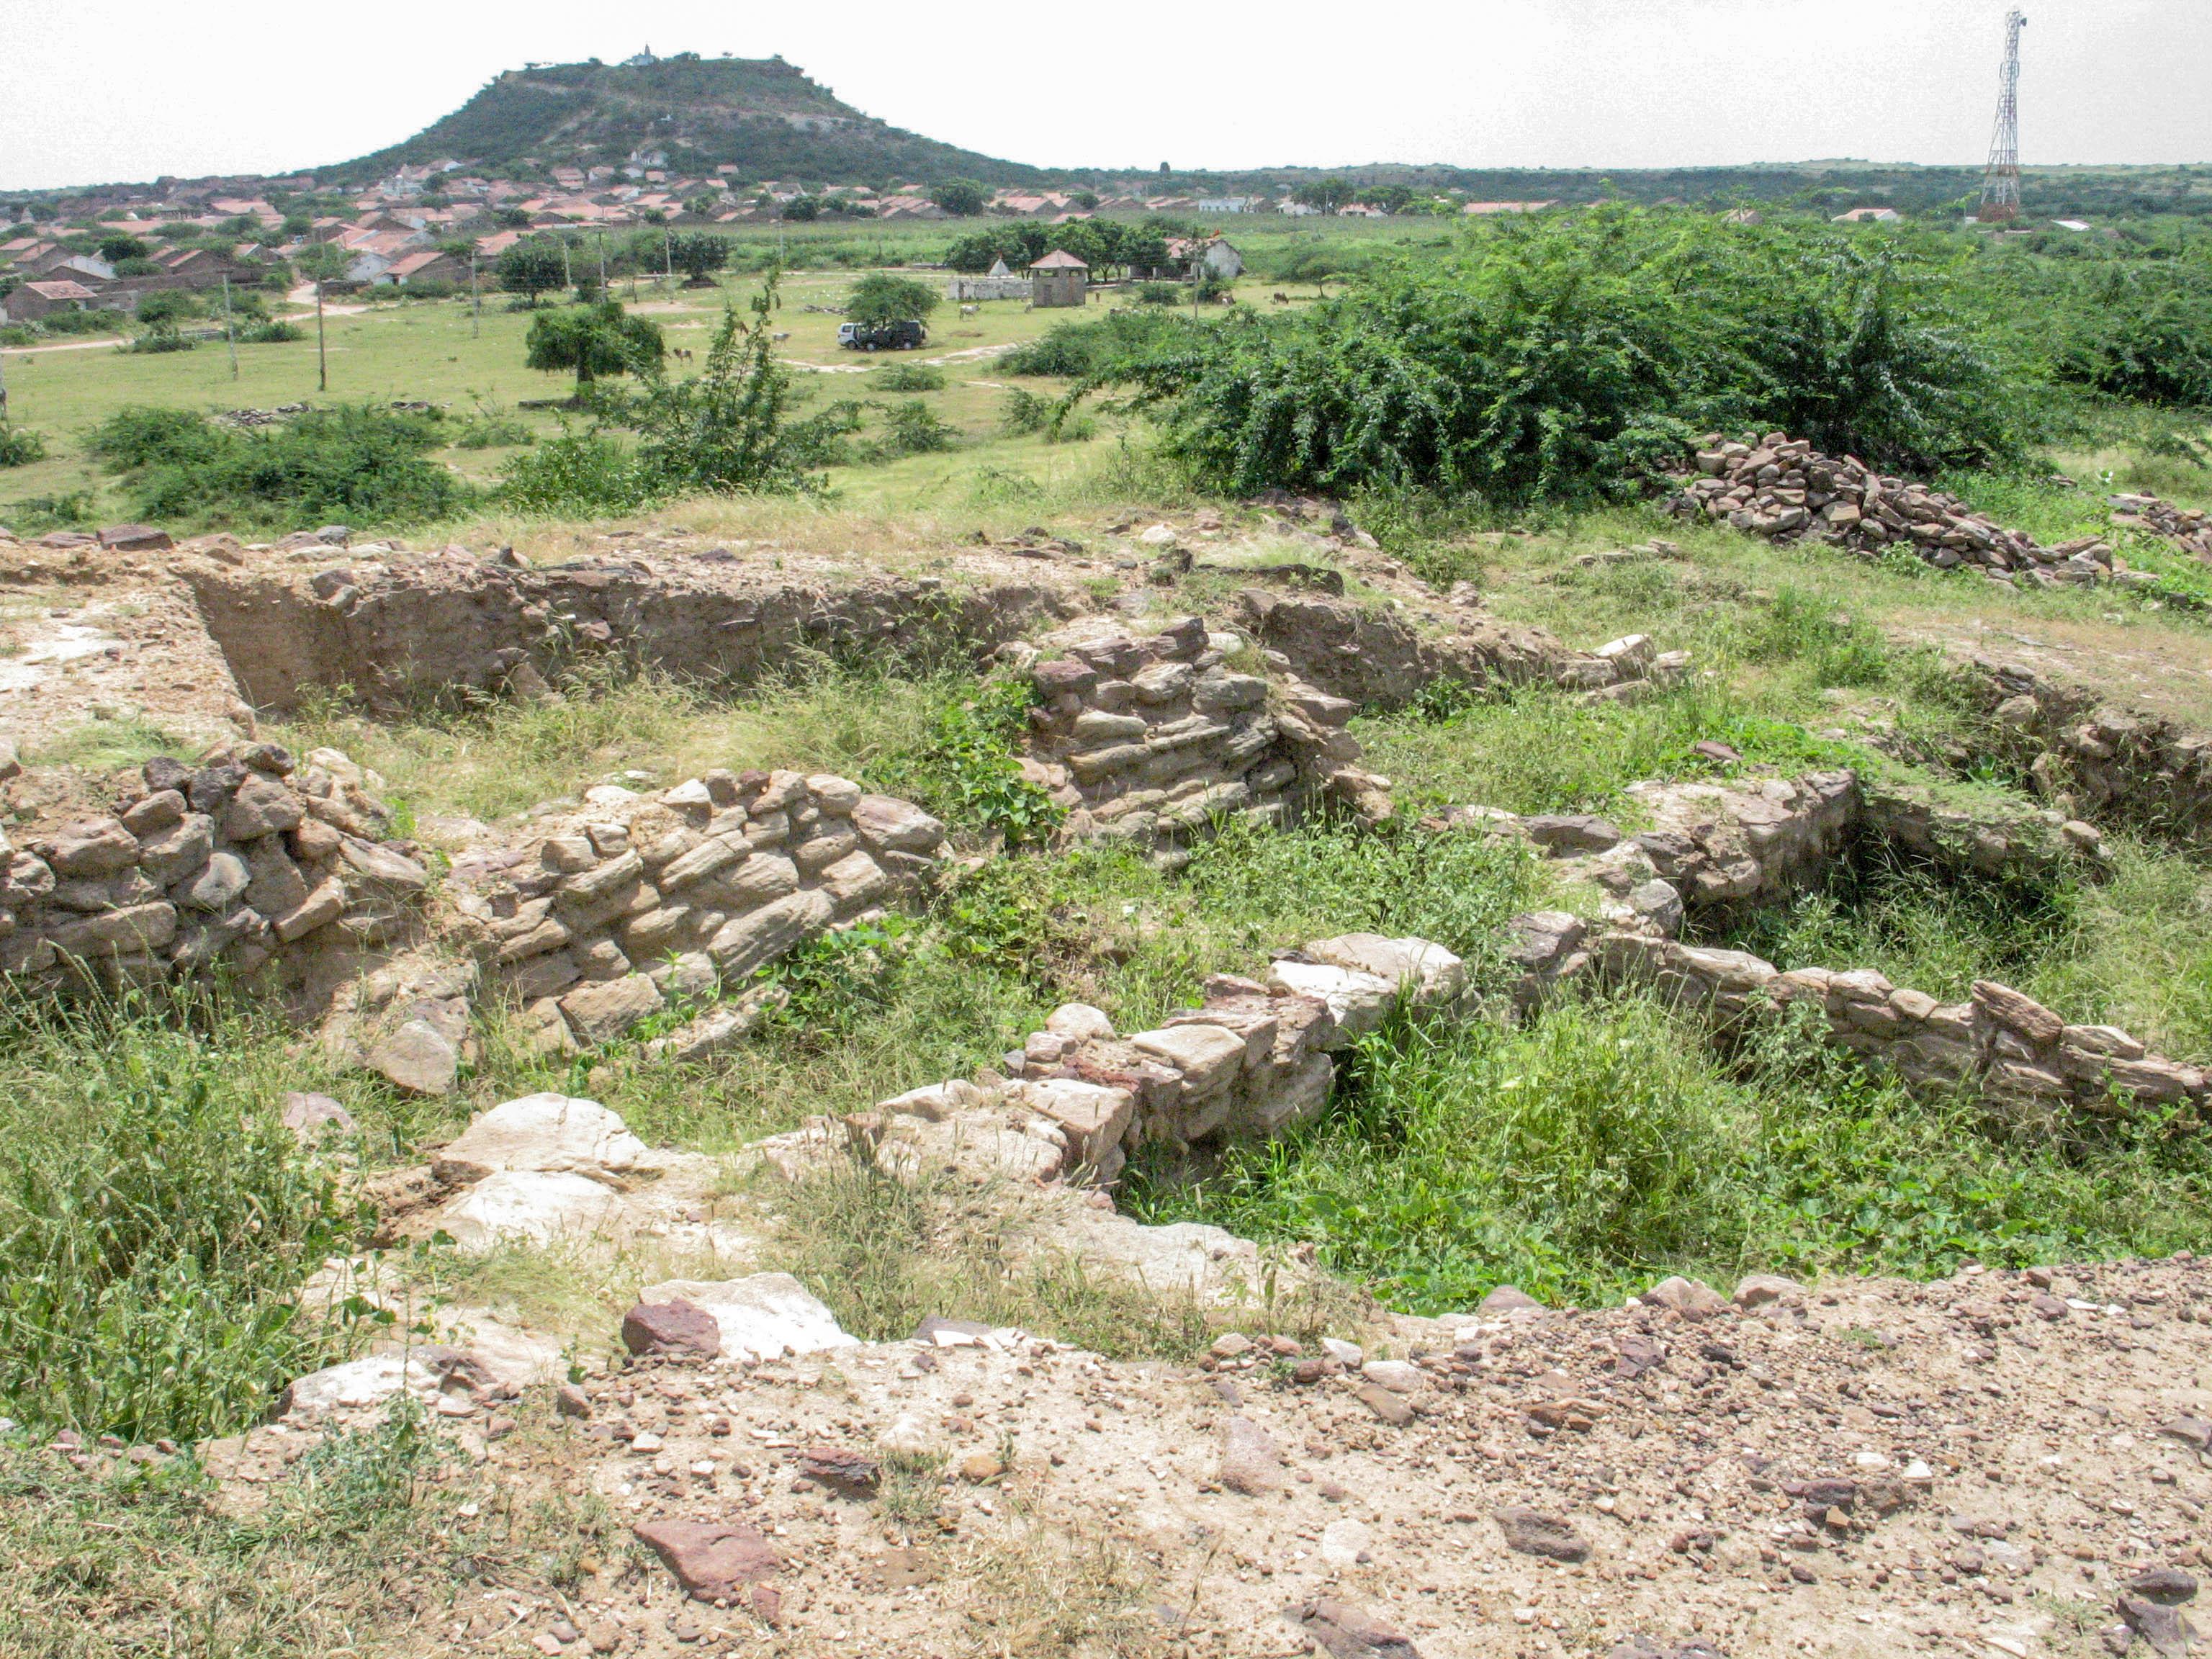 El lloc arqueològic de Kanmer, un assentament de la civilització de l'Indus a Gujarat (Índia), és un exemple del tipus de jaciments arqueològics que es poden controlar remotament per avaluar la seva preservació mitjançant la metodologia del projecte MAHSA.